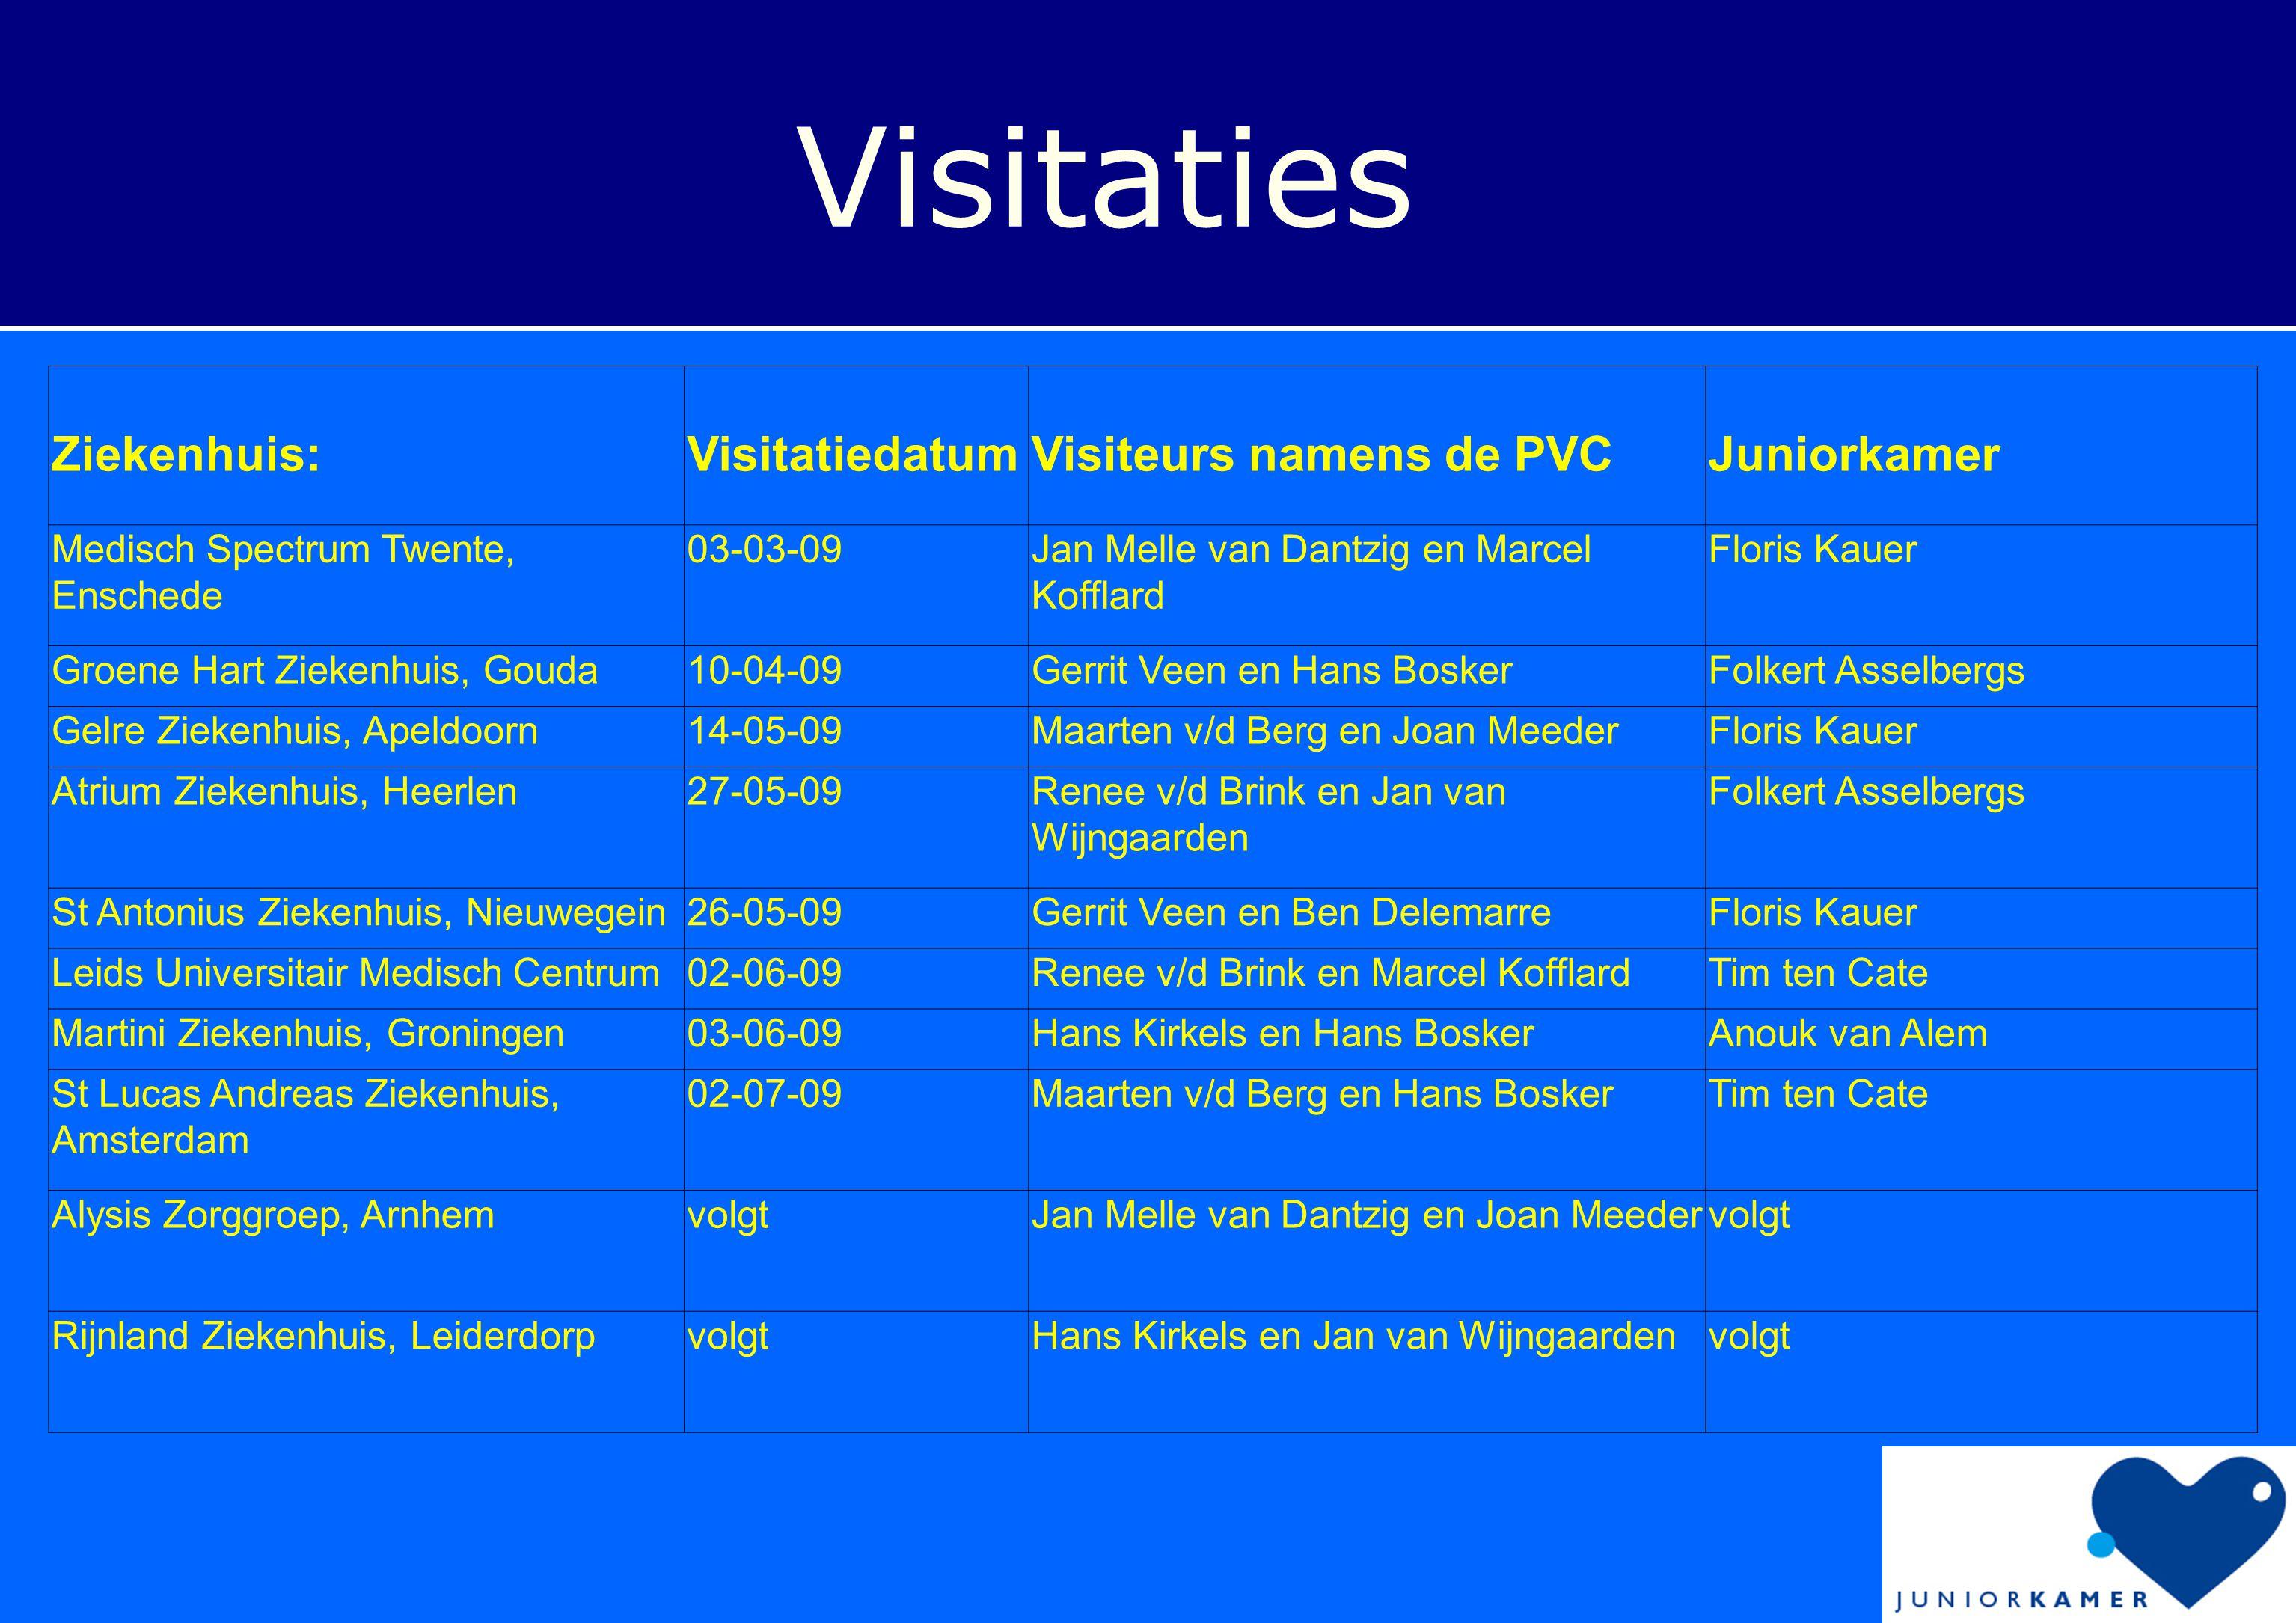 Visitaties Ziekenhuis:VisitatiedatumVisiteurs namens de PVCJuniorkamer Medisch Spectrum Twente, Enschede 03-03-09Jan Melle van Dantzig en Marcel Koffl